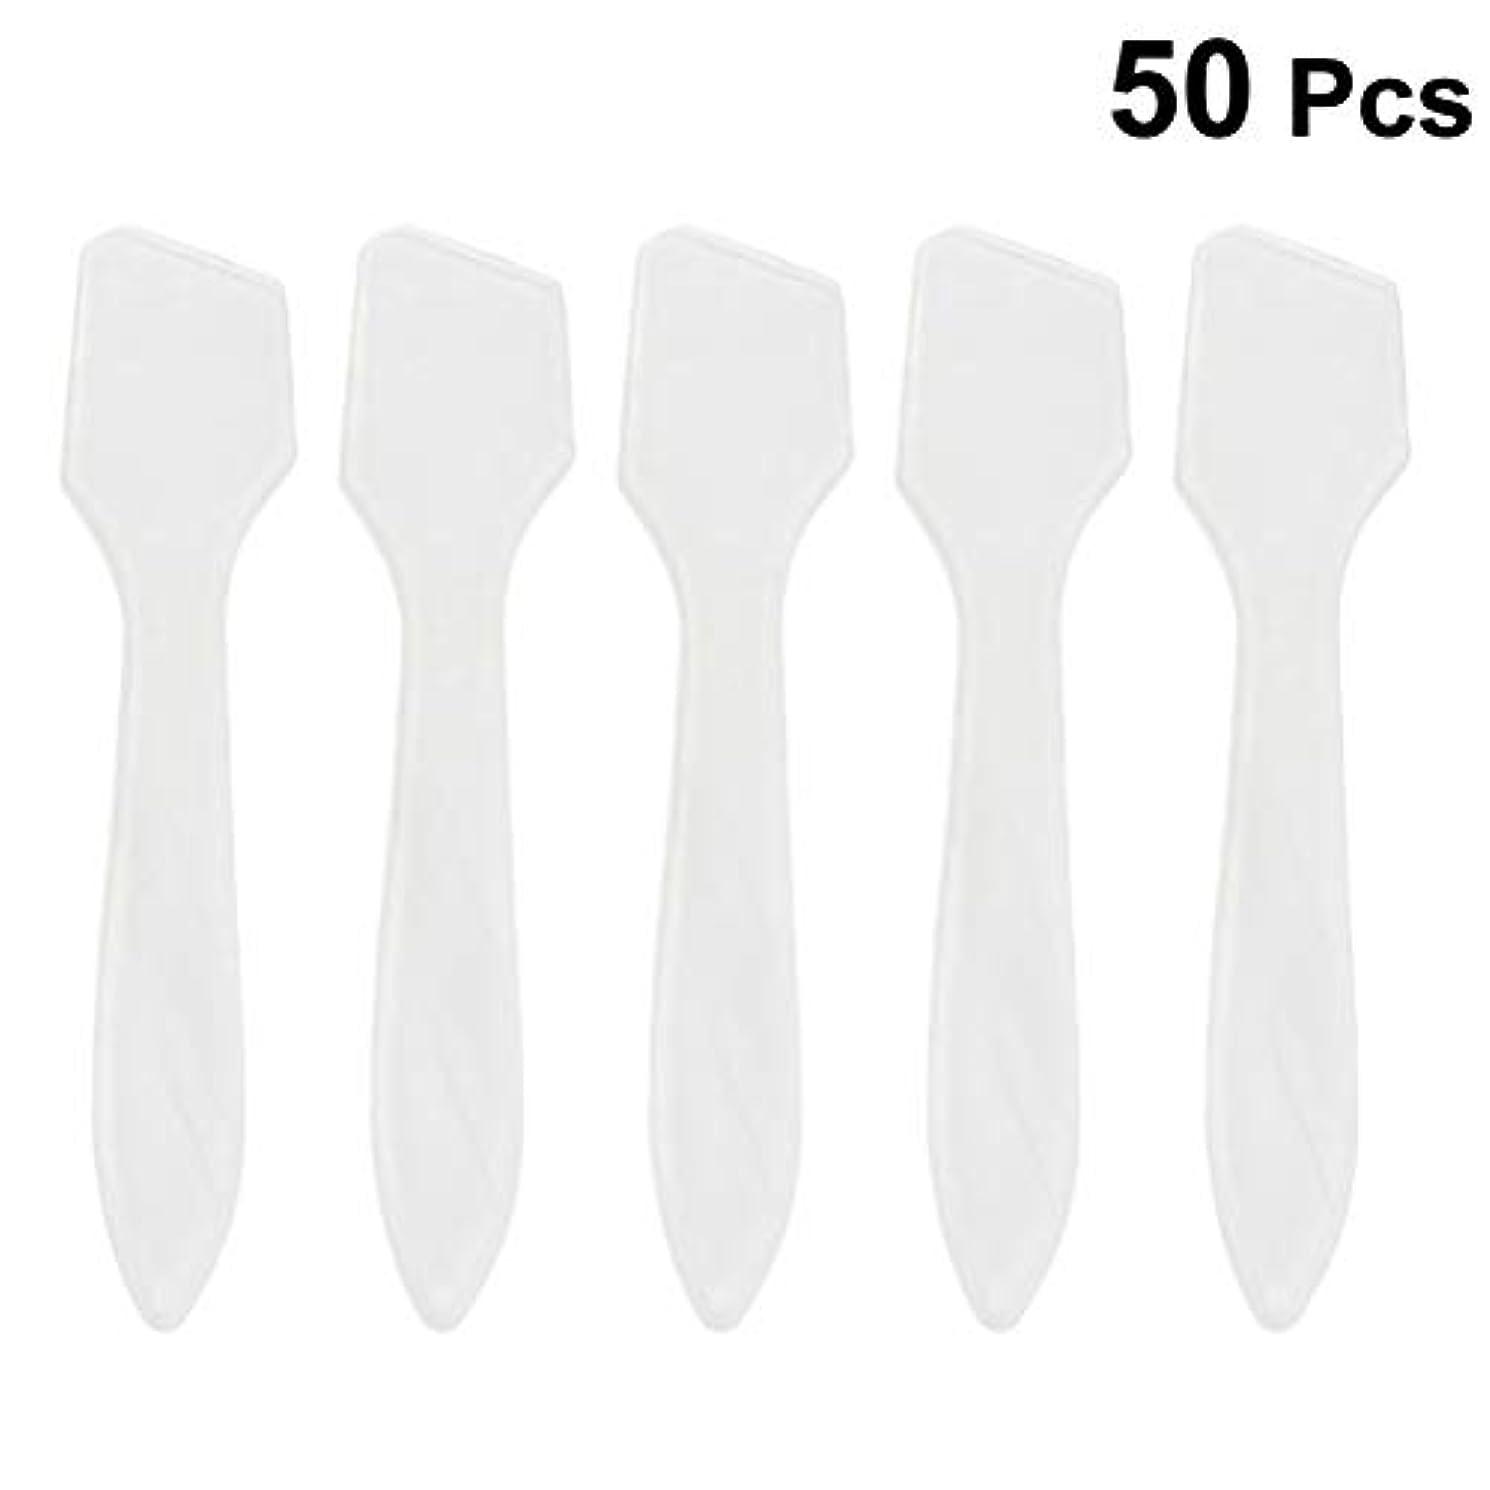 接ぎ木厚さ事SUPVOX 50ピース化粧品スキンケアフェイスクリームマスク混合ヘラアプリケータツール